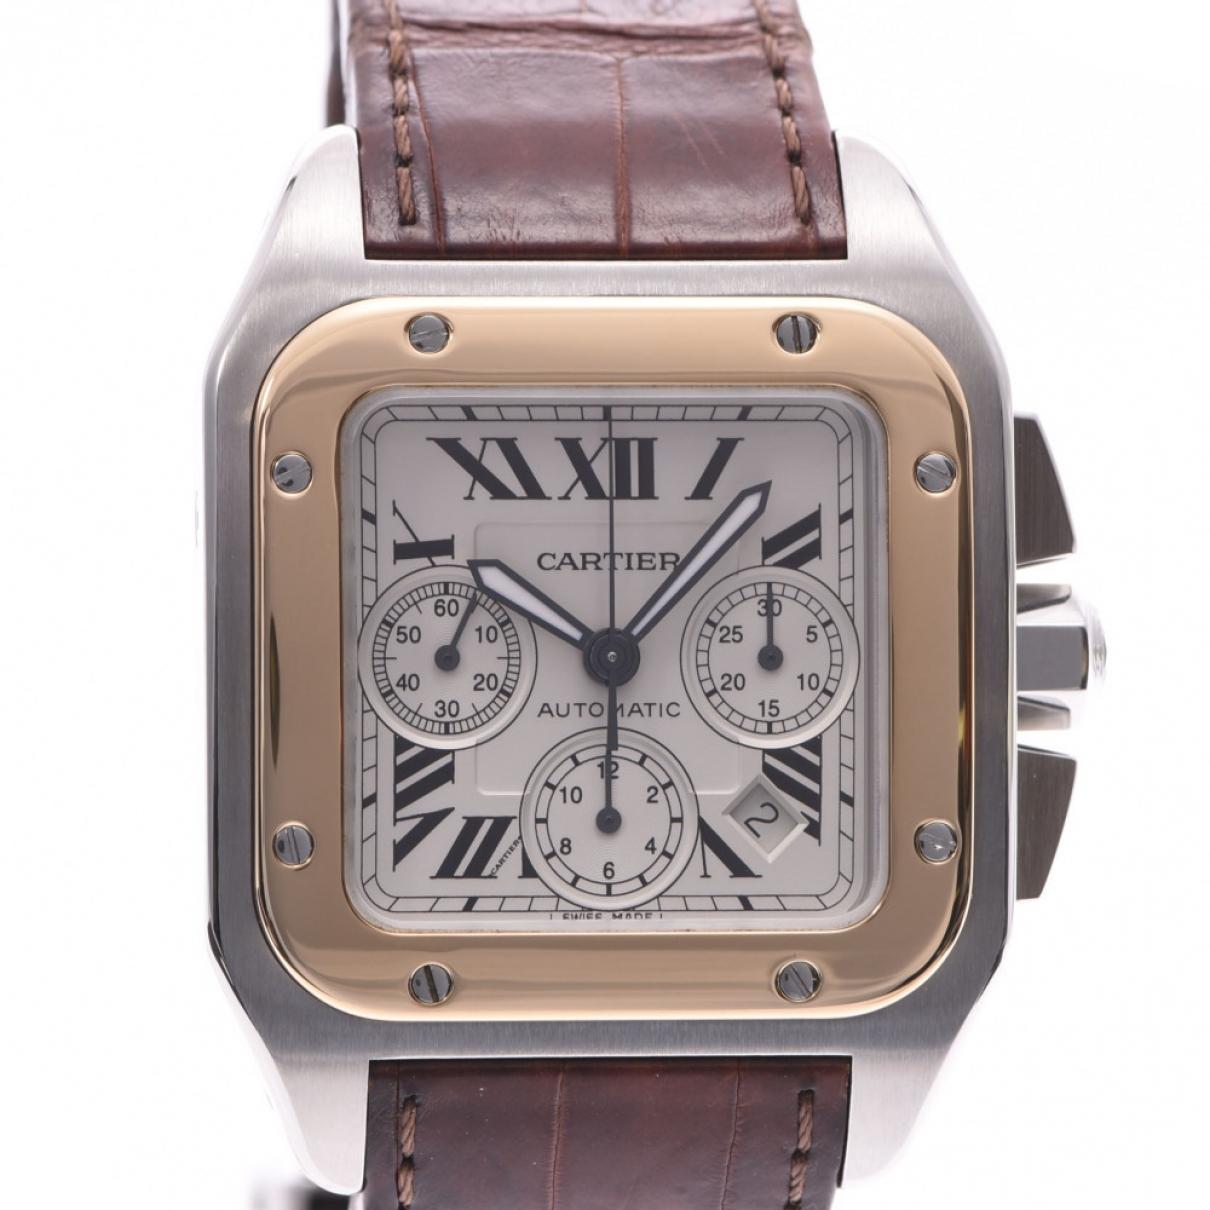 Cartier Santos 100 XL Chronographe Uhr in  Silber Gold und Stahl